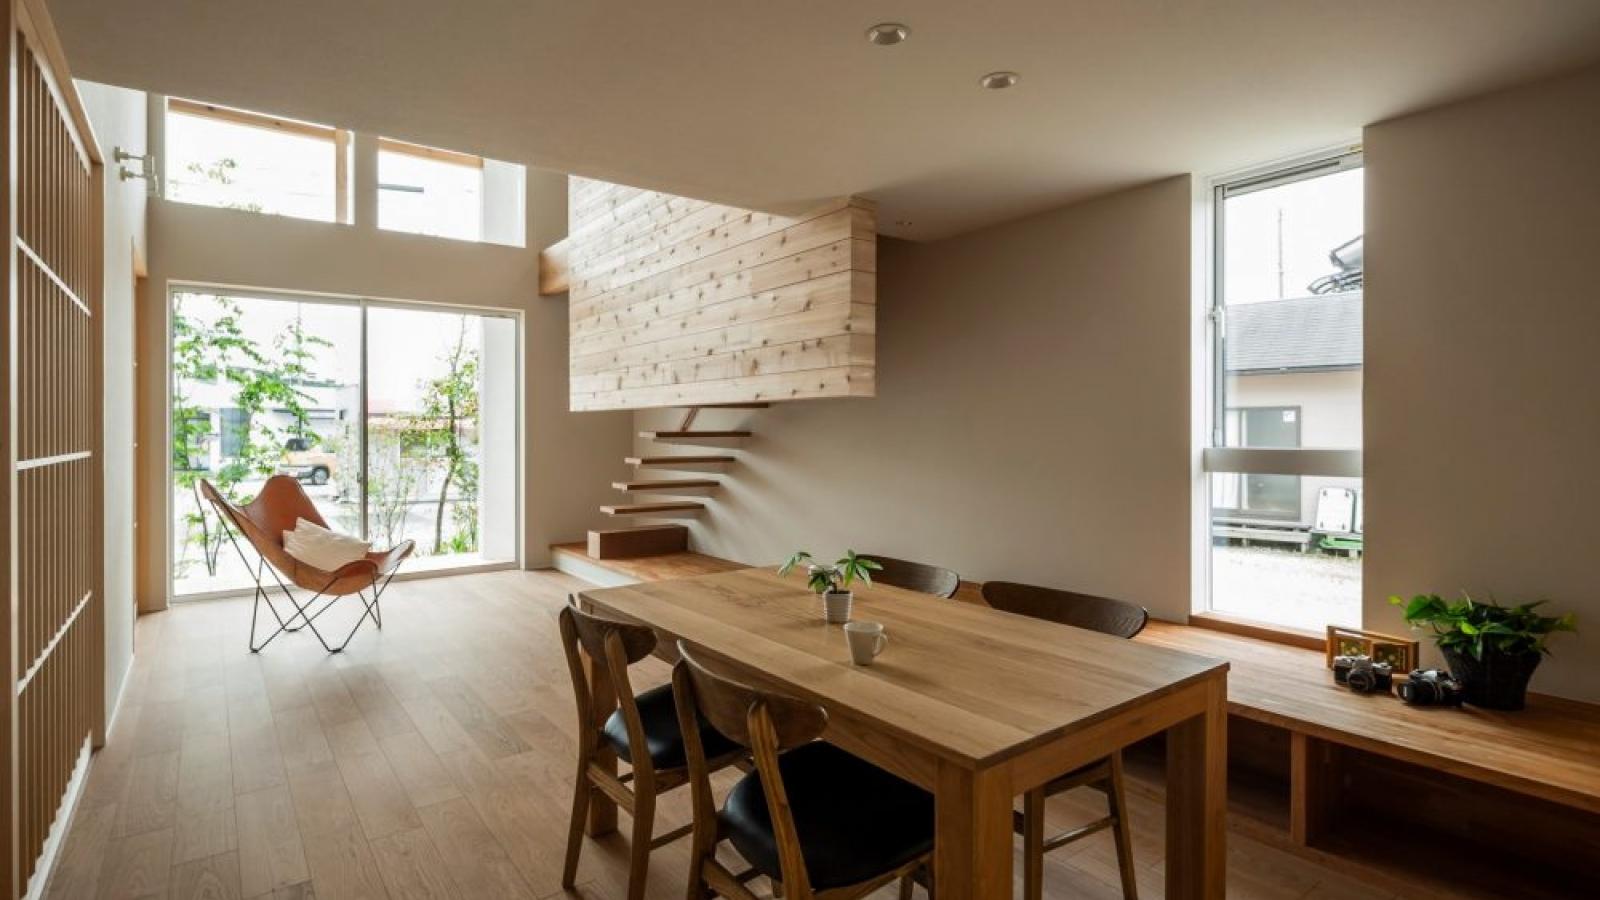 Ngôi nhà thiết kế tối giản mang ánh sáng, thiên nhiên ngập tràn